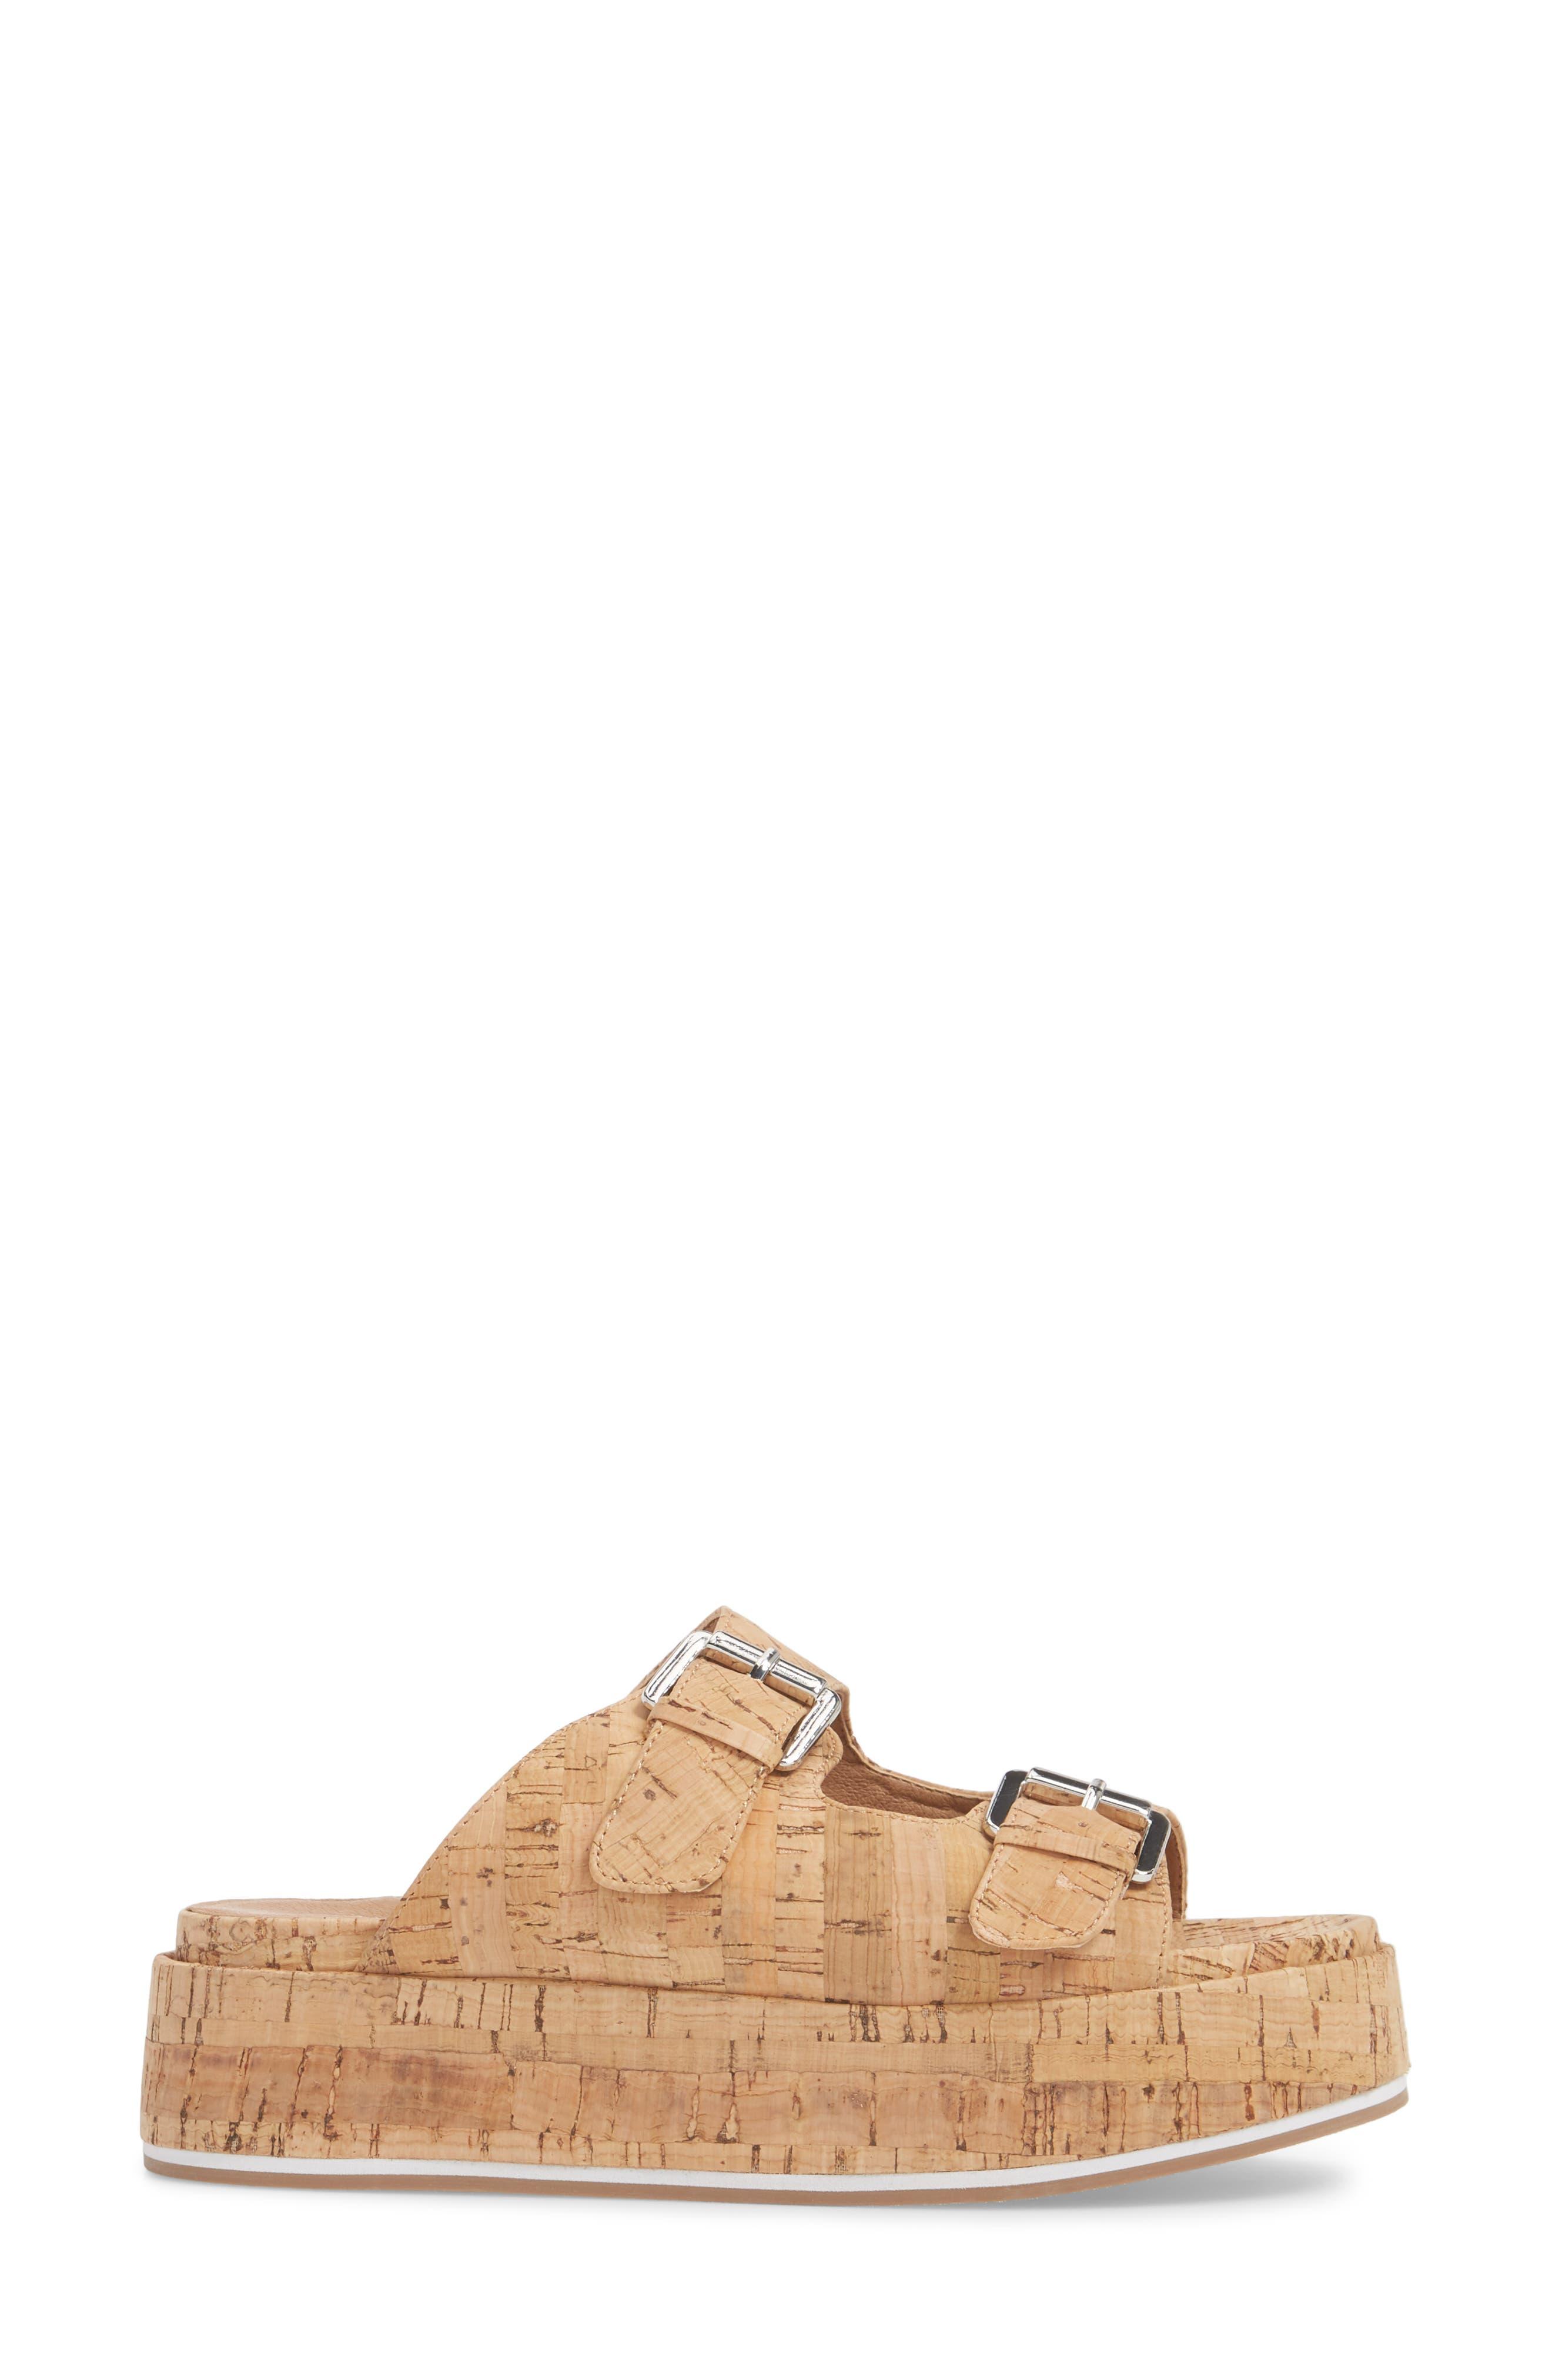 Jordan Two-Buckle Slide Sandal,                             Alternate thumbnail 3, color,                             Cork